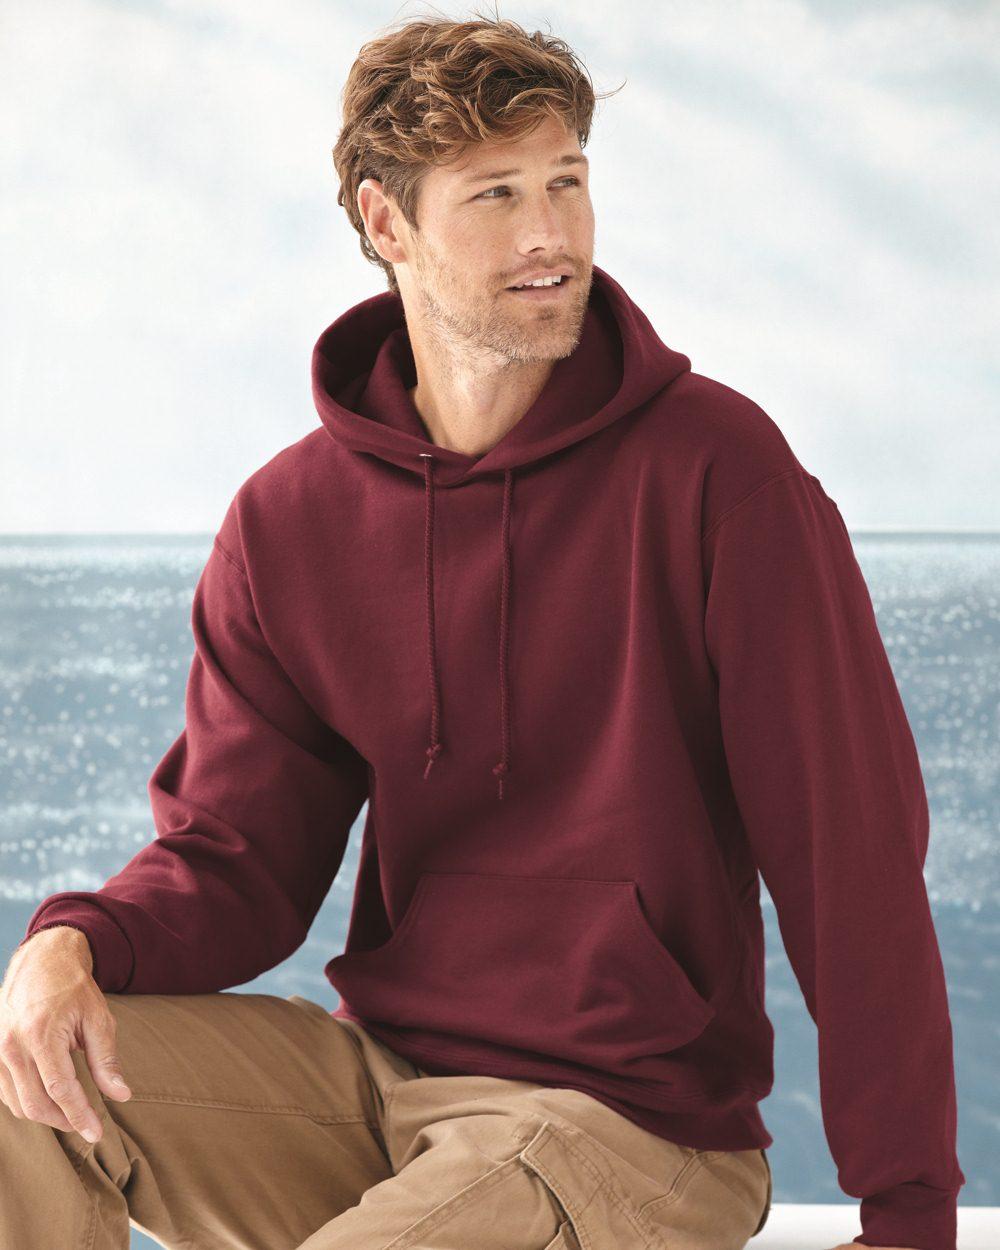 JERZEES 4997MR - NuBlend SUPER SWEATS Hooded Sweatshirt